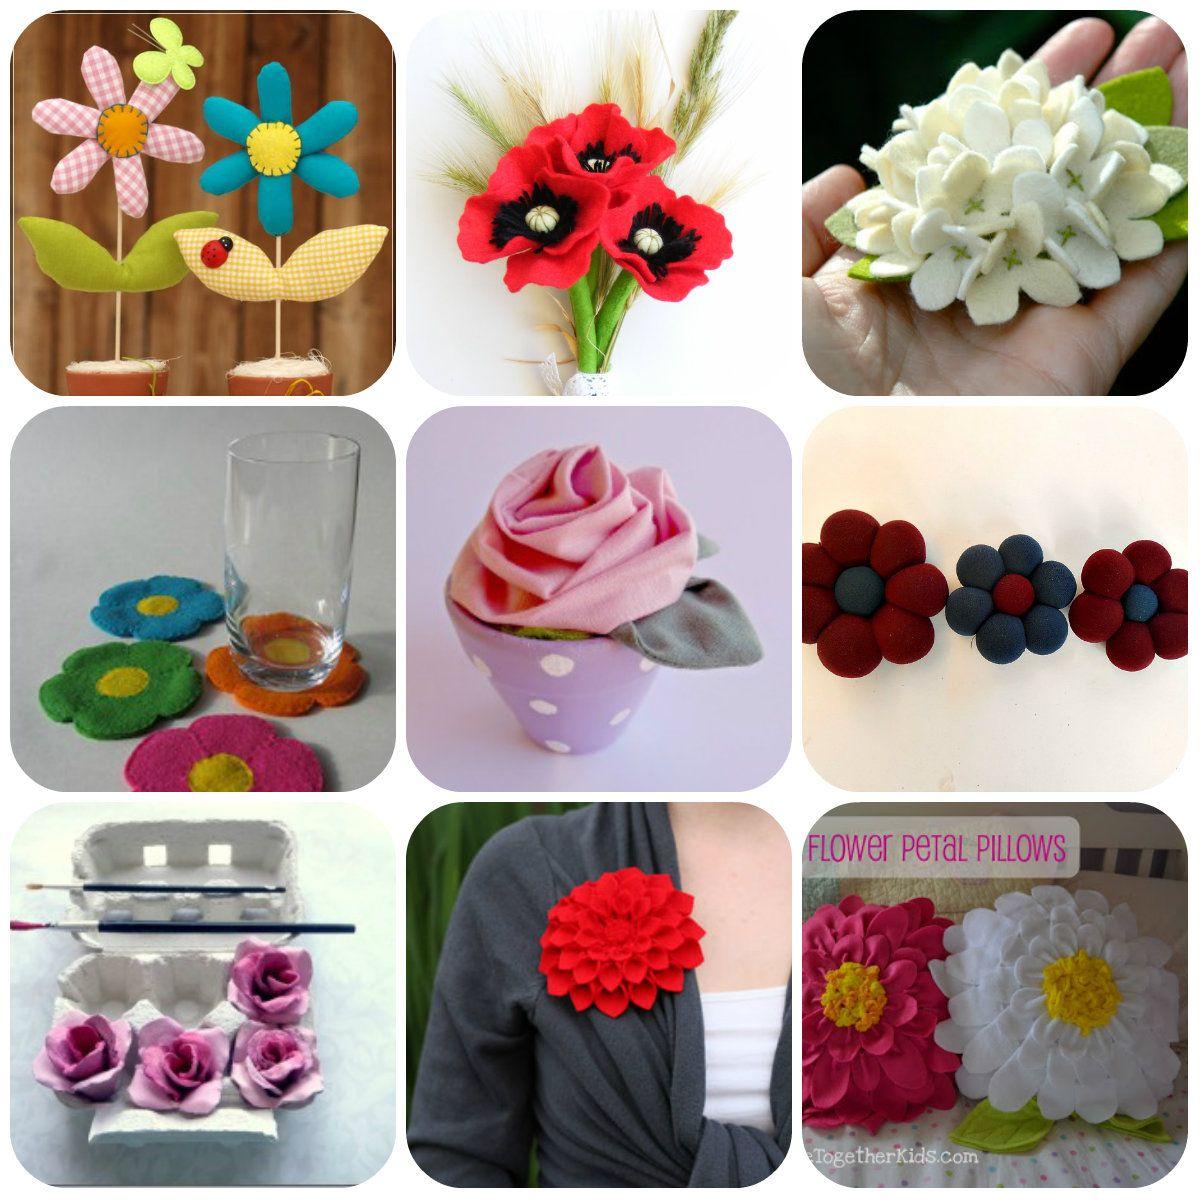 Fiori fai da te: tutorial | Flower making, Crafts, Flower ...